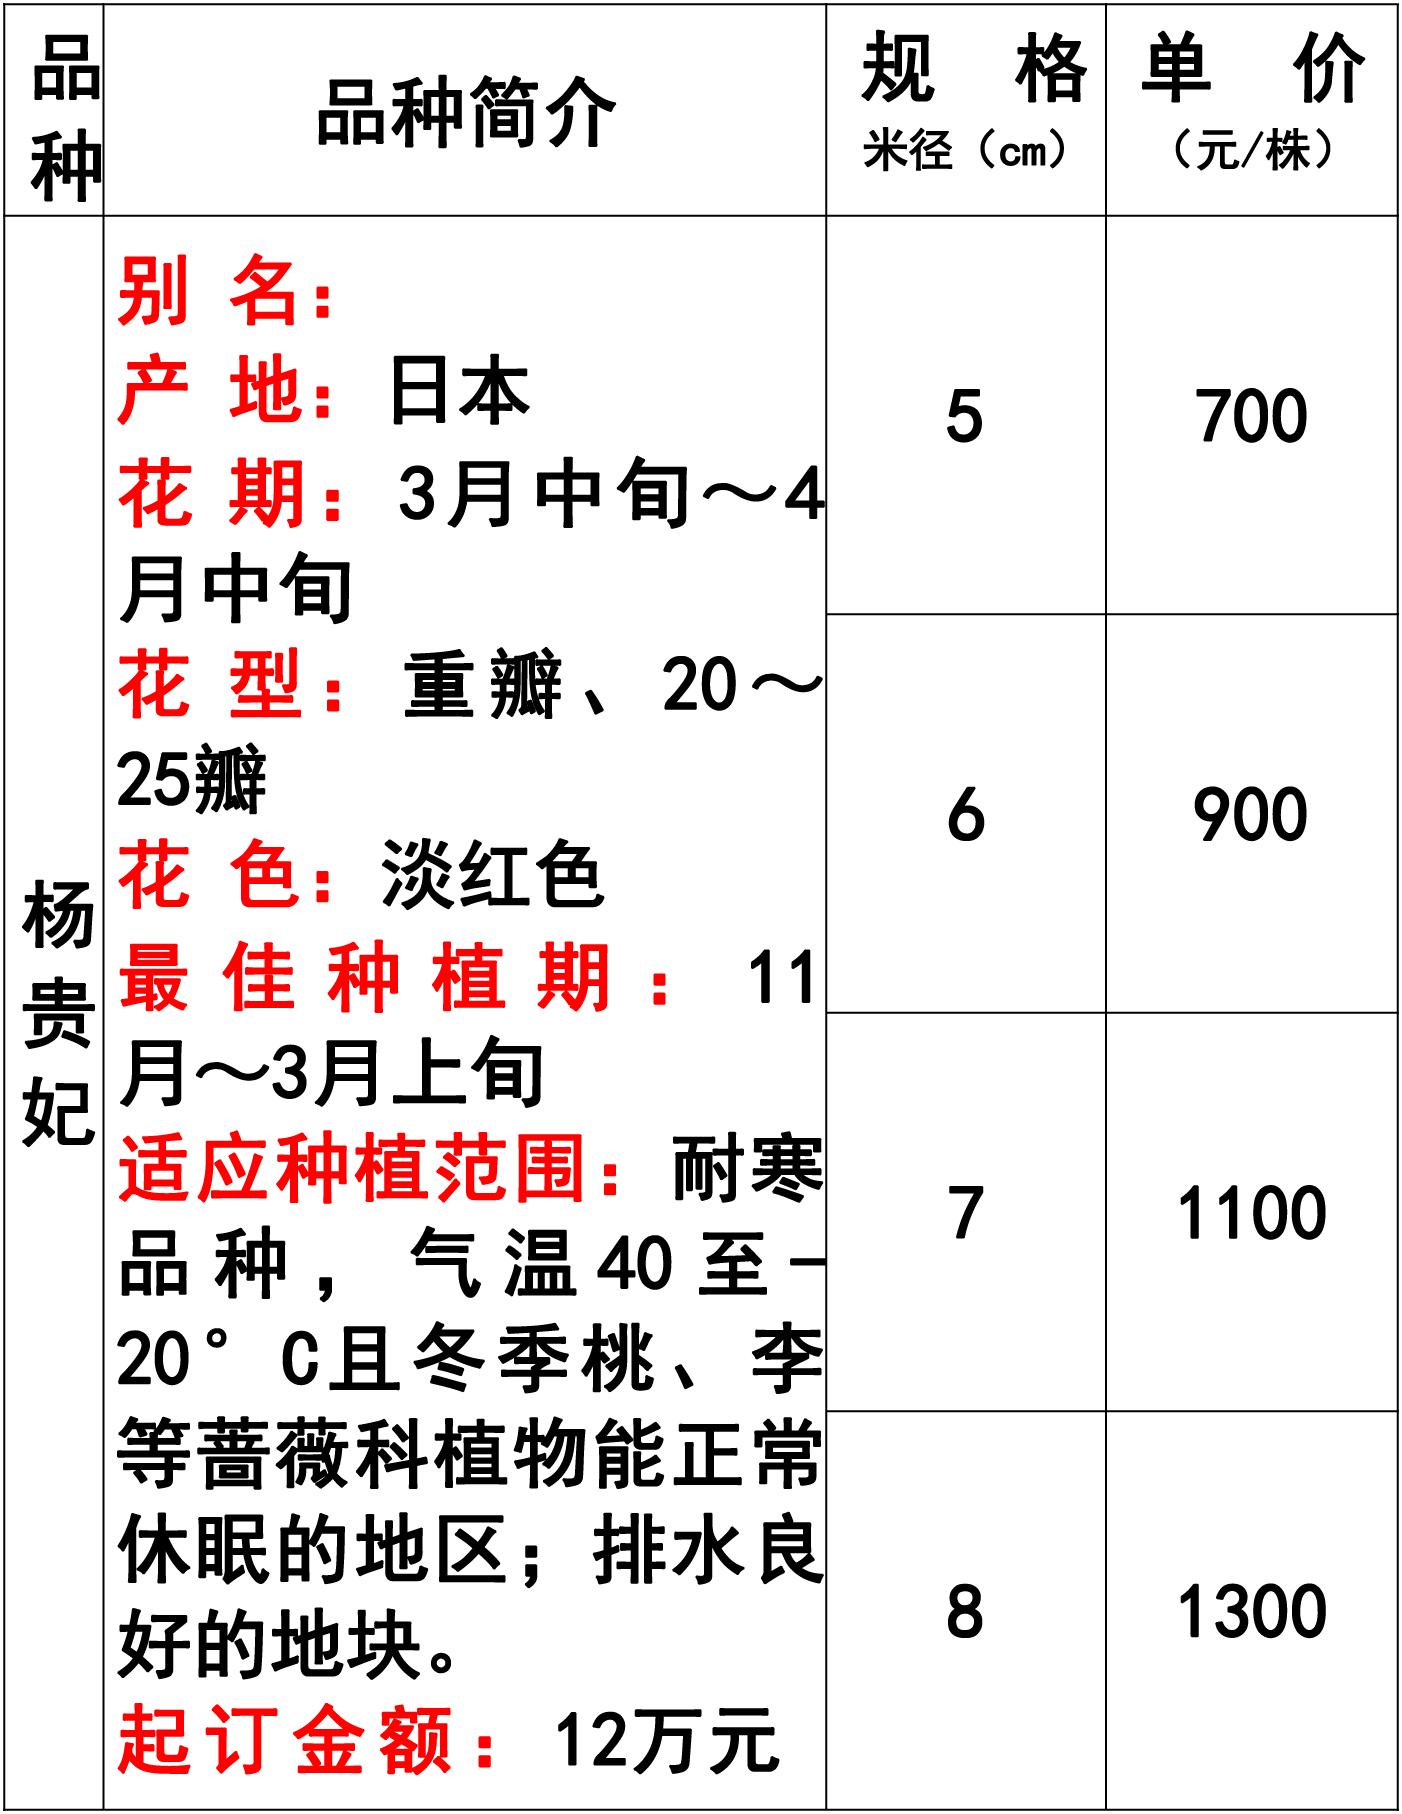 网站价格表-39 副本.jpg